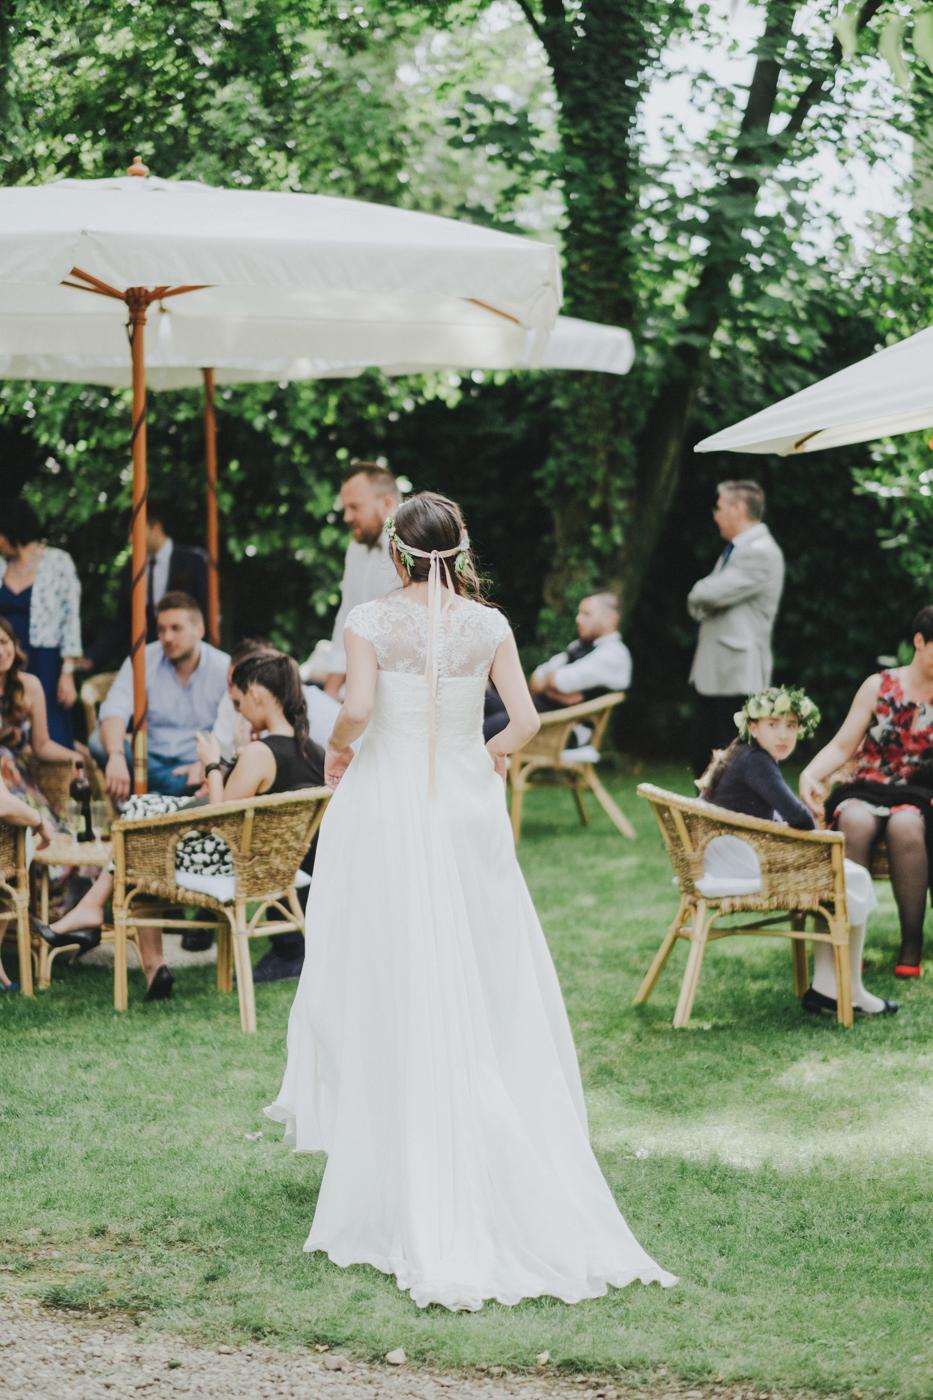 fotografo matrimonio como-148.jpg